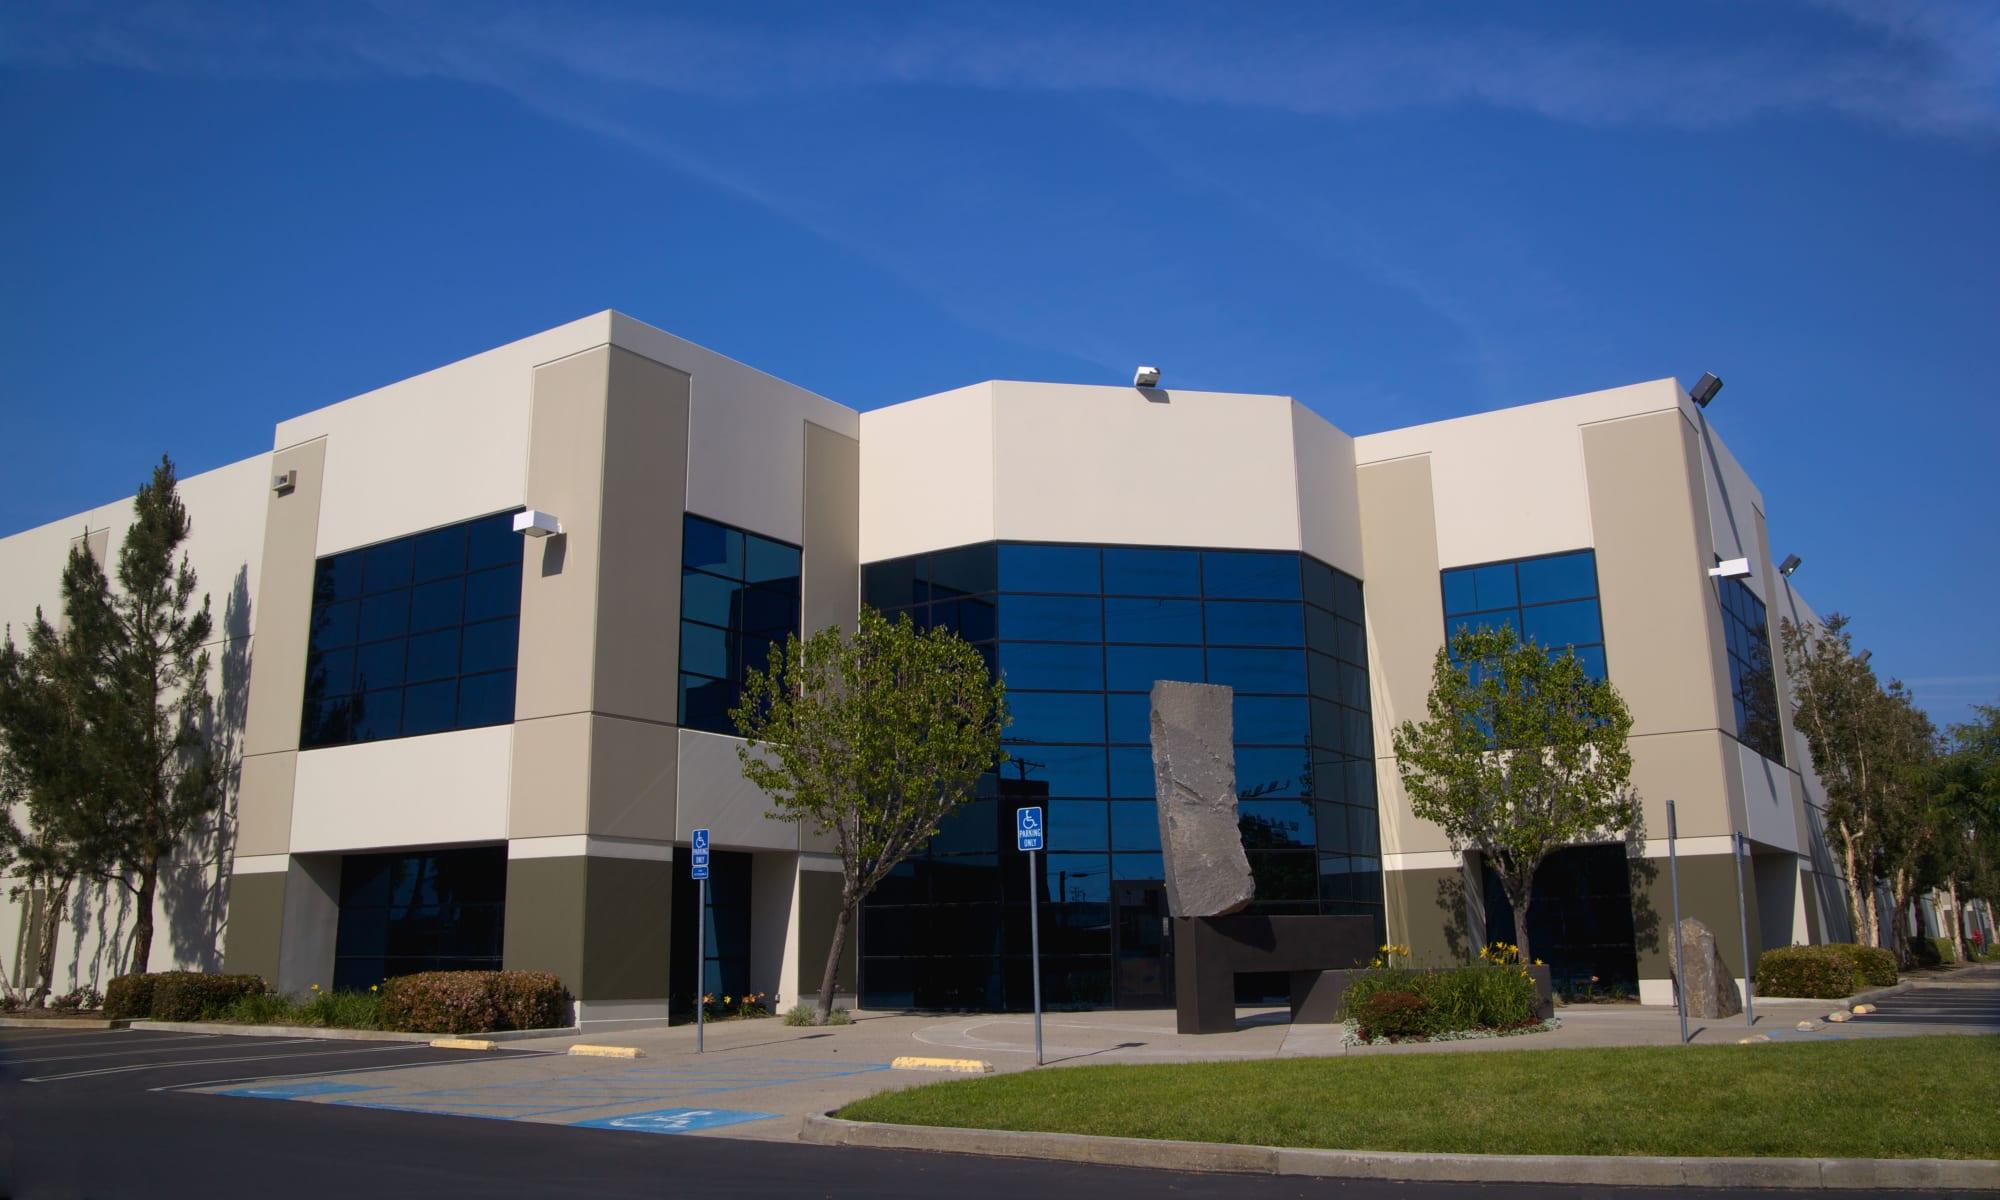 San Dimas Business Center apartments in San Dimas, California